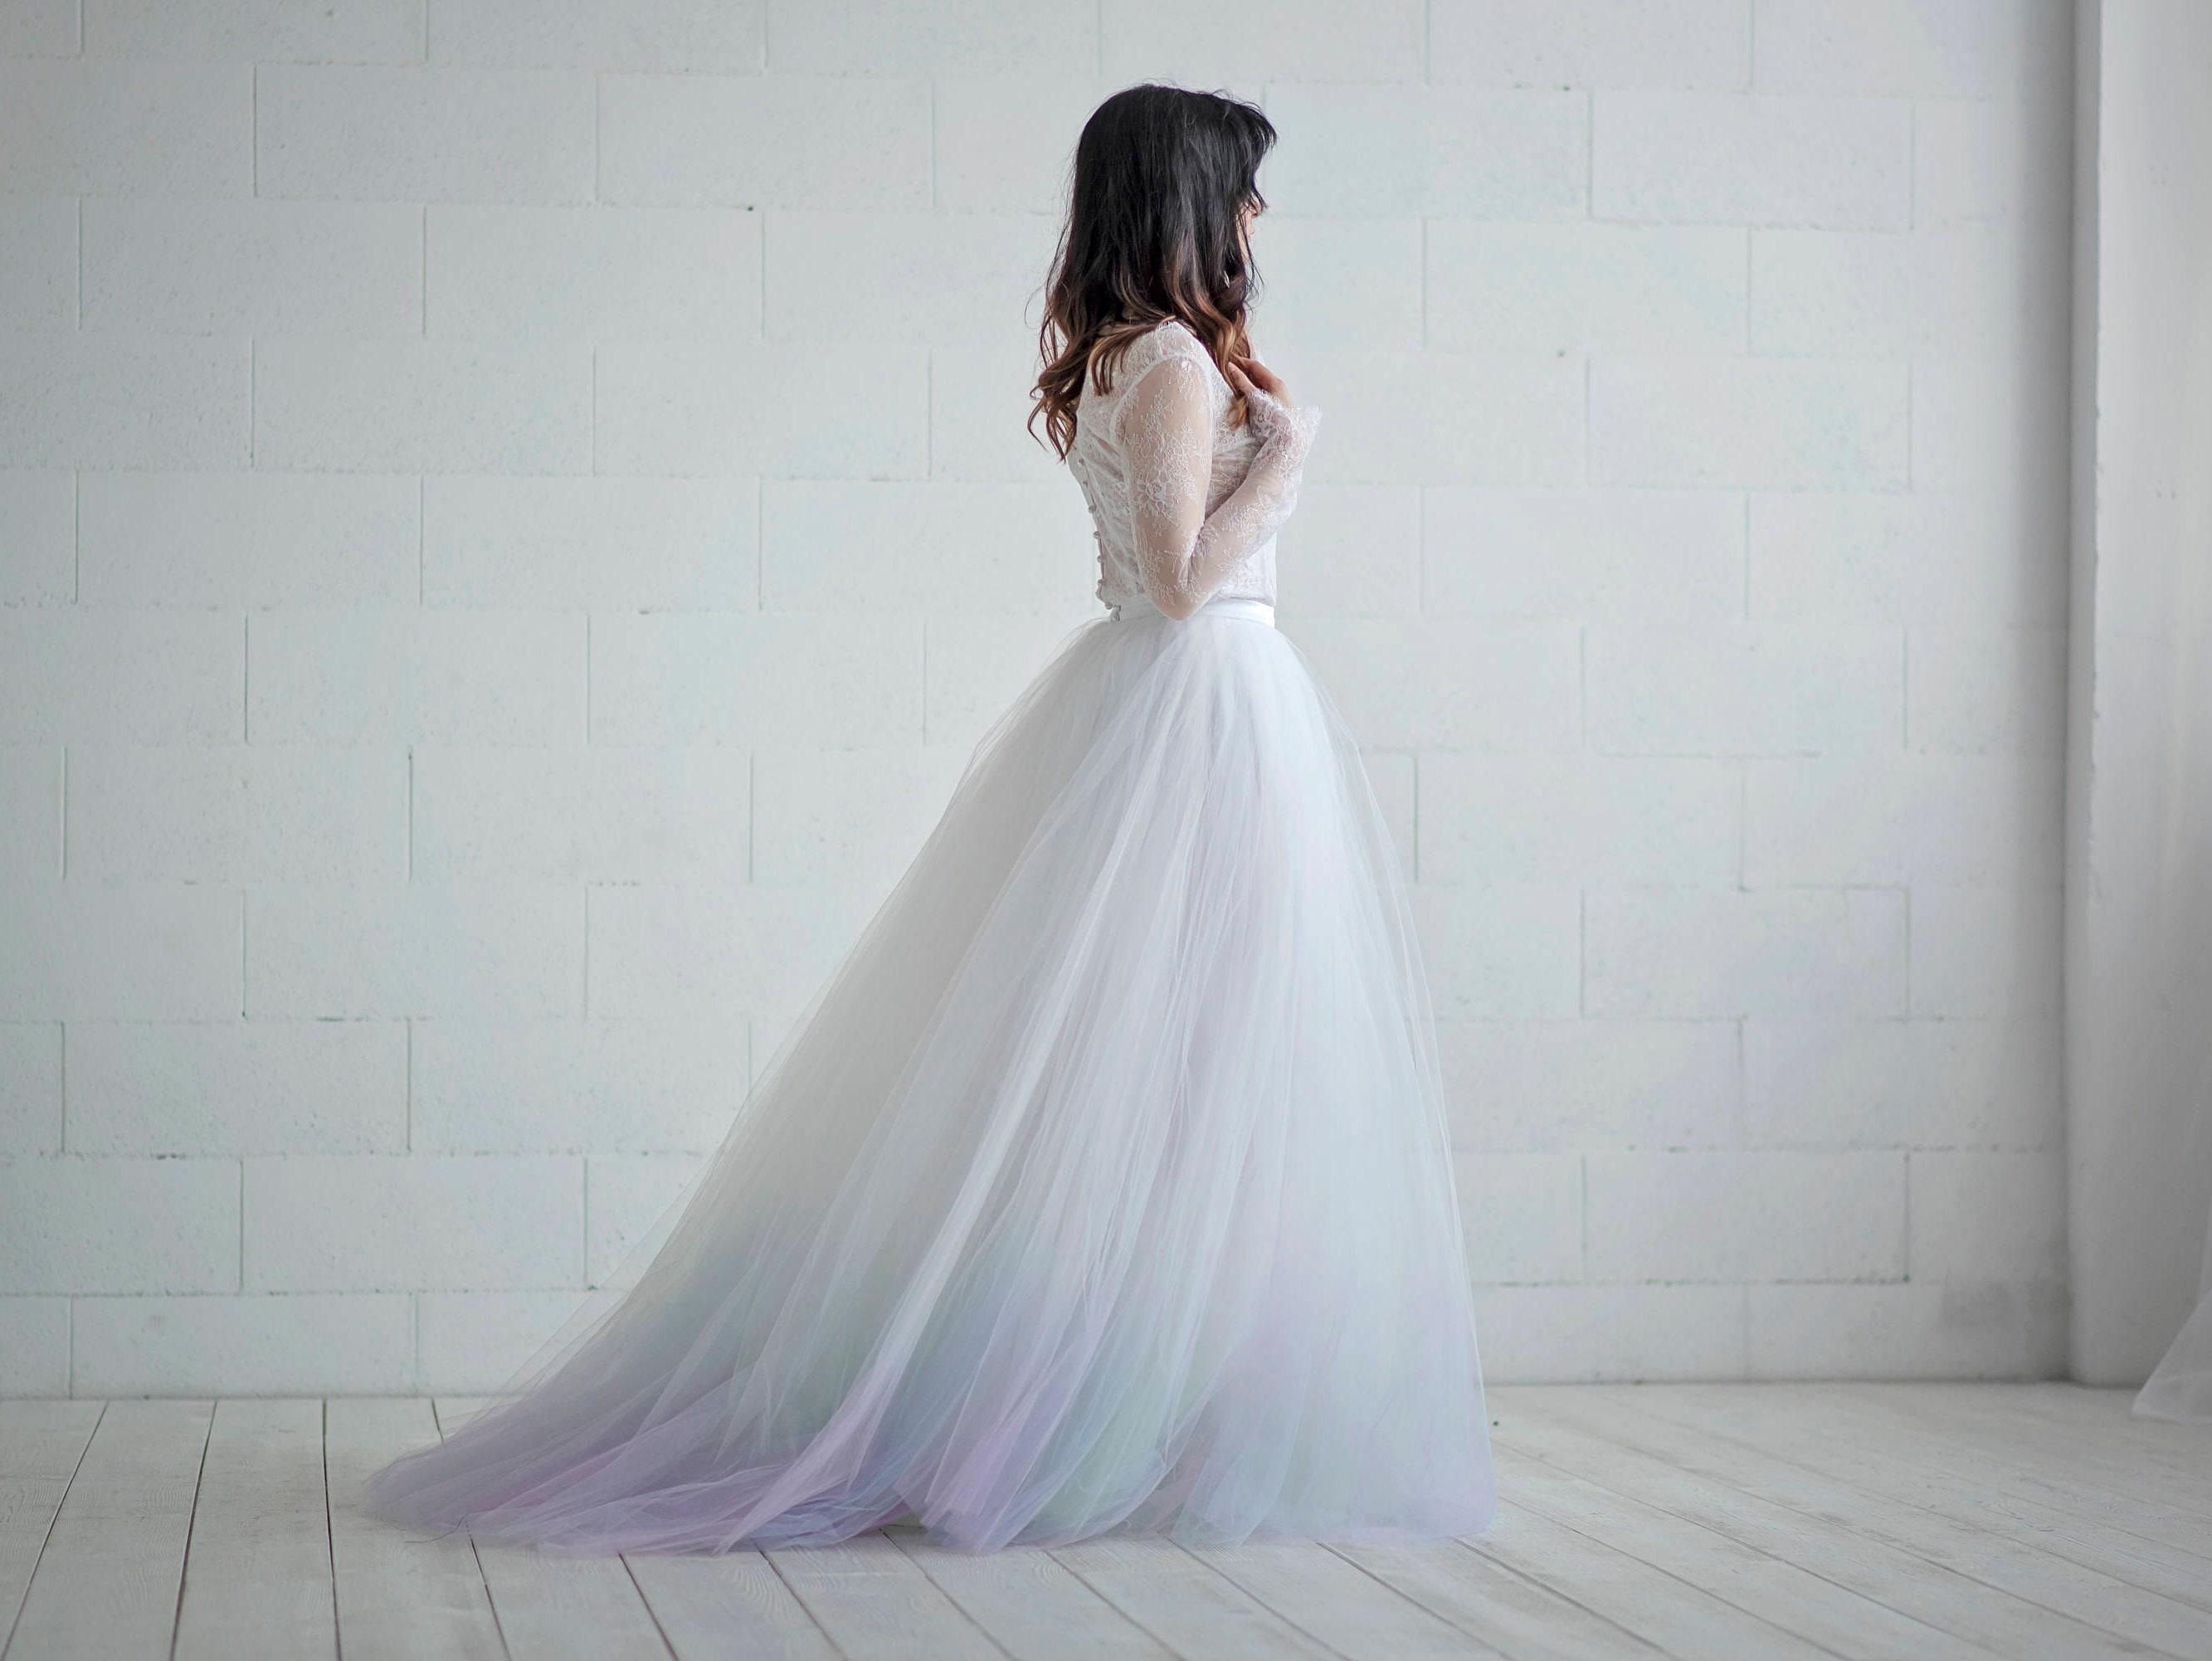 Aurora Hochzeitskleid / Tüll und Spitze Hochzeit Kleid